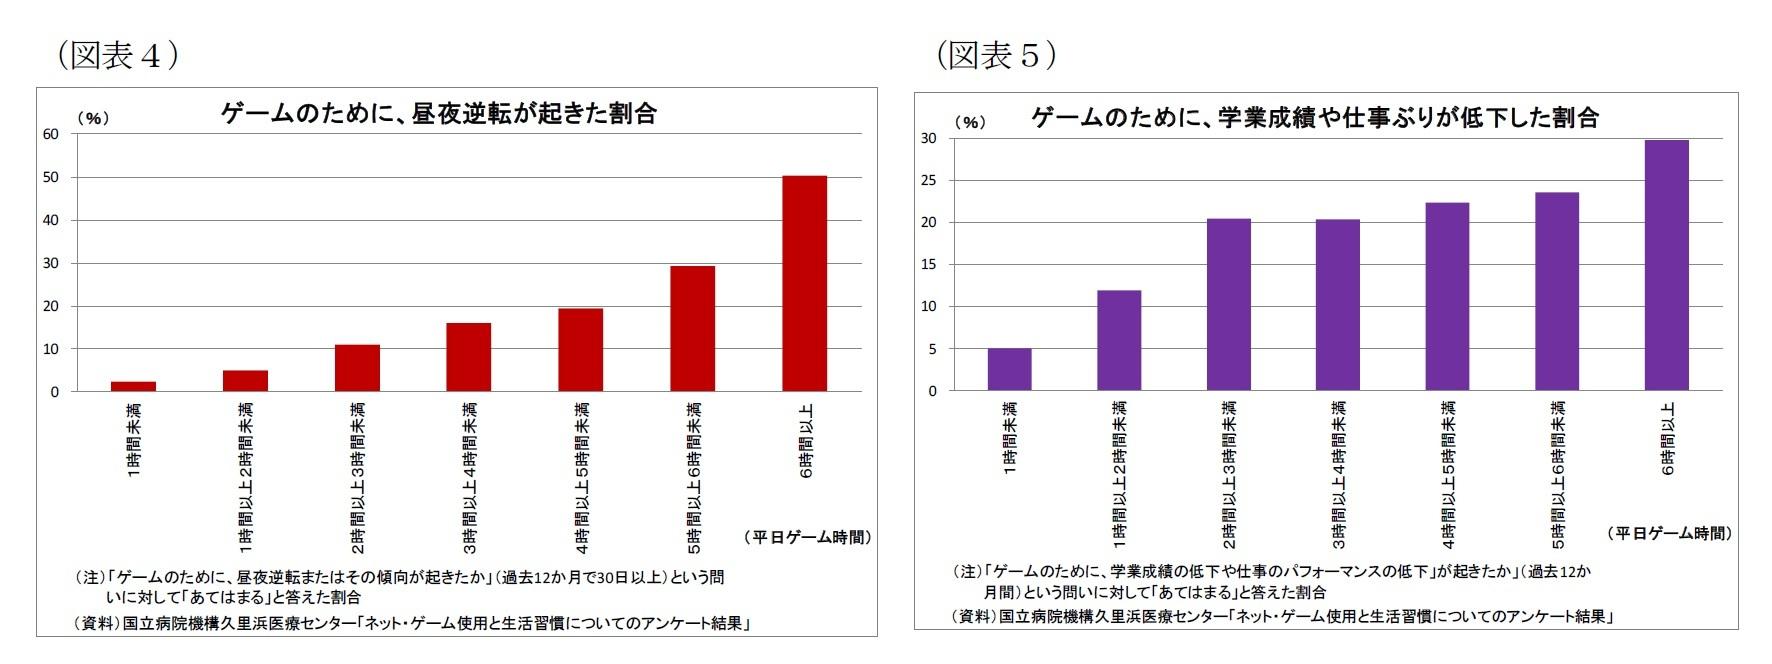 (図表4)ゲームのために、昼夜逆転が起きた割合/(図表5)ゲームのために、学業成績や仕事ぶりが低下した割合